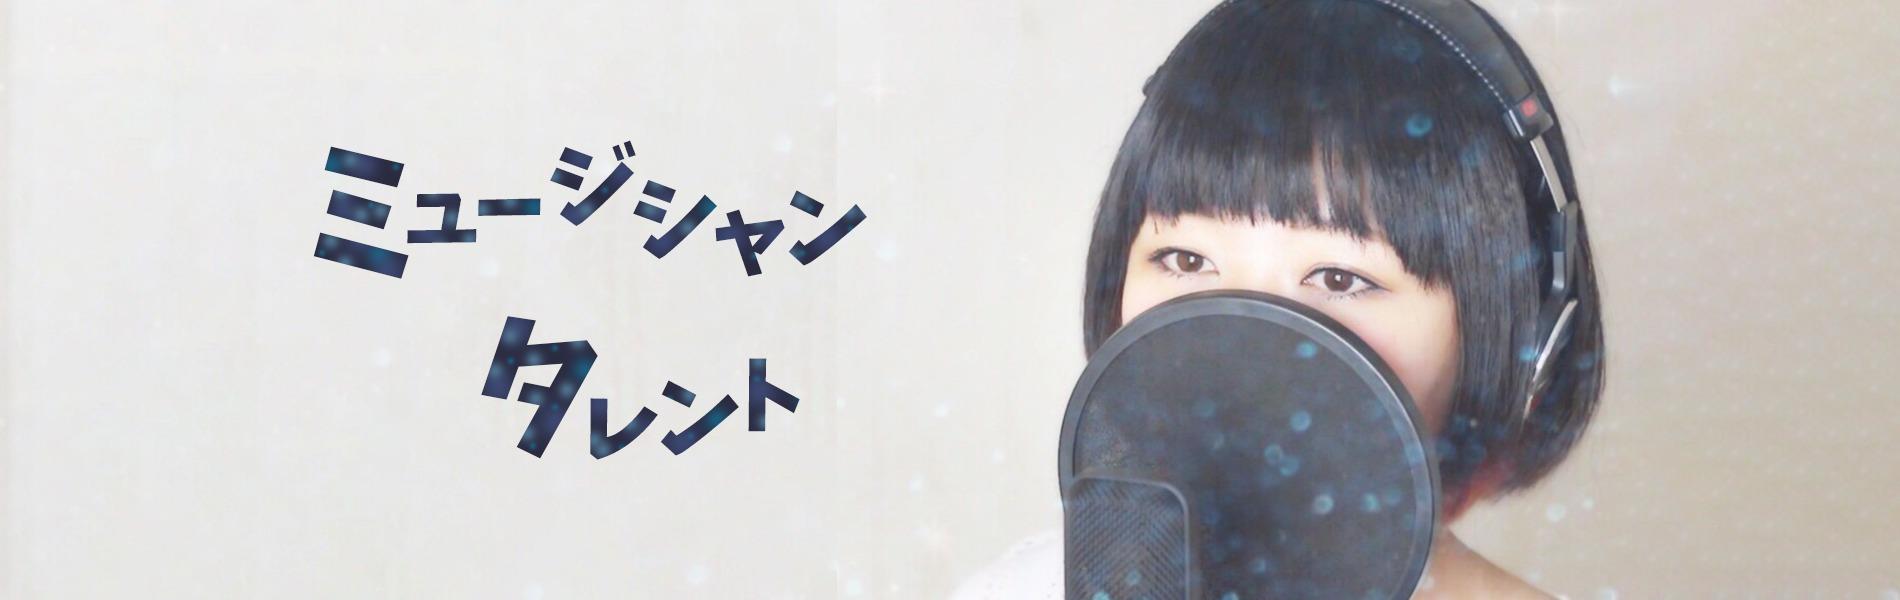 おかっぱミユキの公式サイトのトップ画像。歌のレコーディングの際、コンデンサーマイクの前に立ちSONYのヘッドフォンを頭につけているおかっぱミユキの写真。